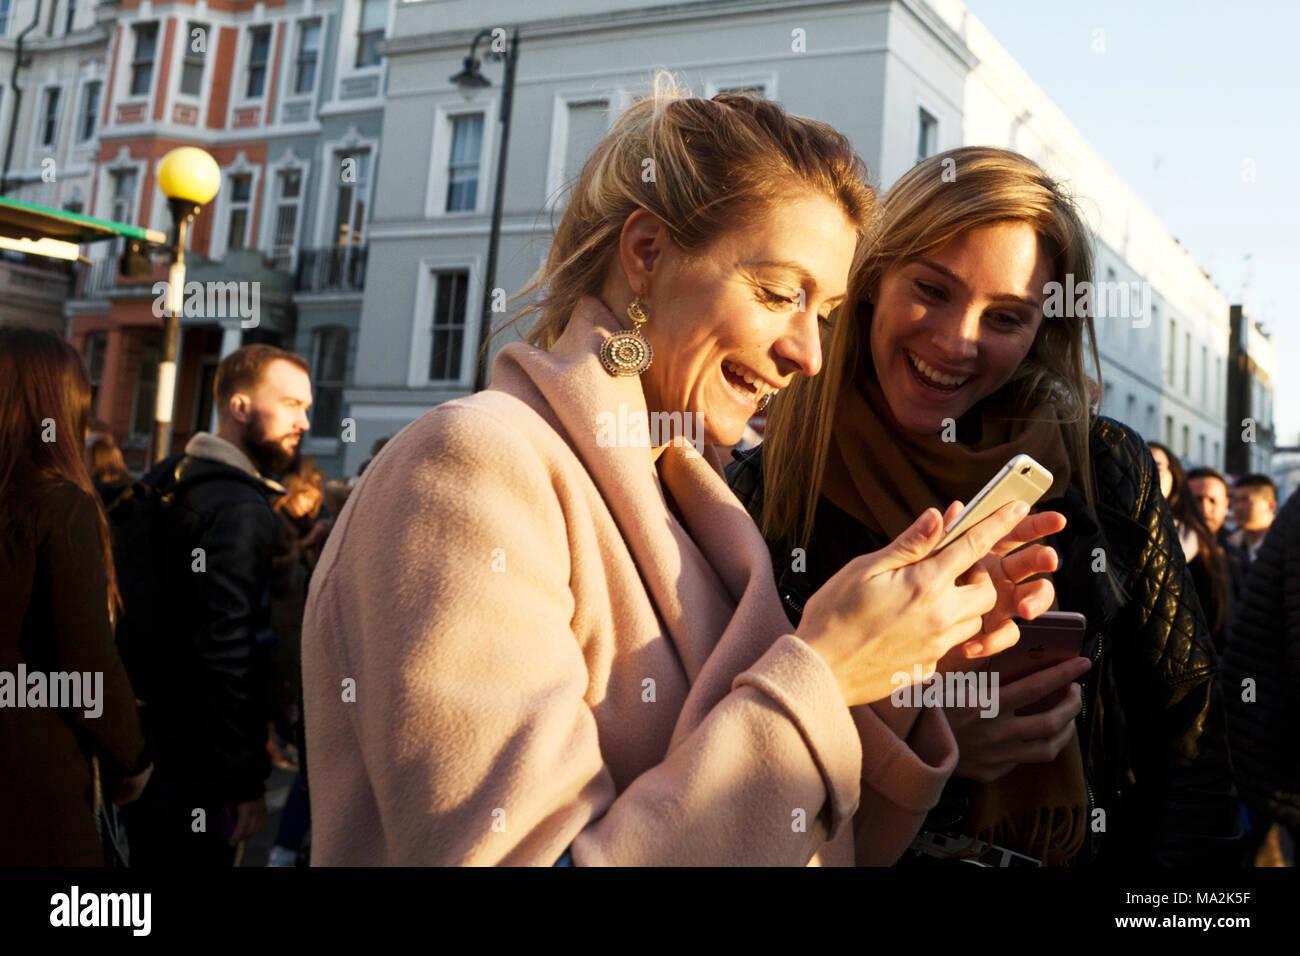 Giovane femmina adulti sorridente con emozione, guardando il telefono cellulare smart phone. Comunicazione. Millennial esprimere emozioni. Gli amici e la famiglia. Immagini Stock